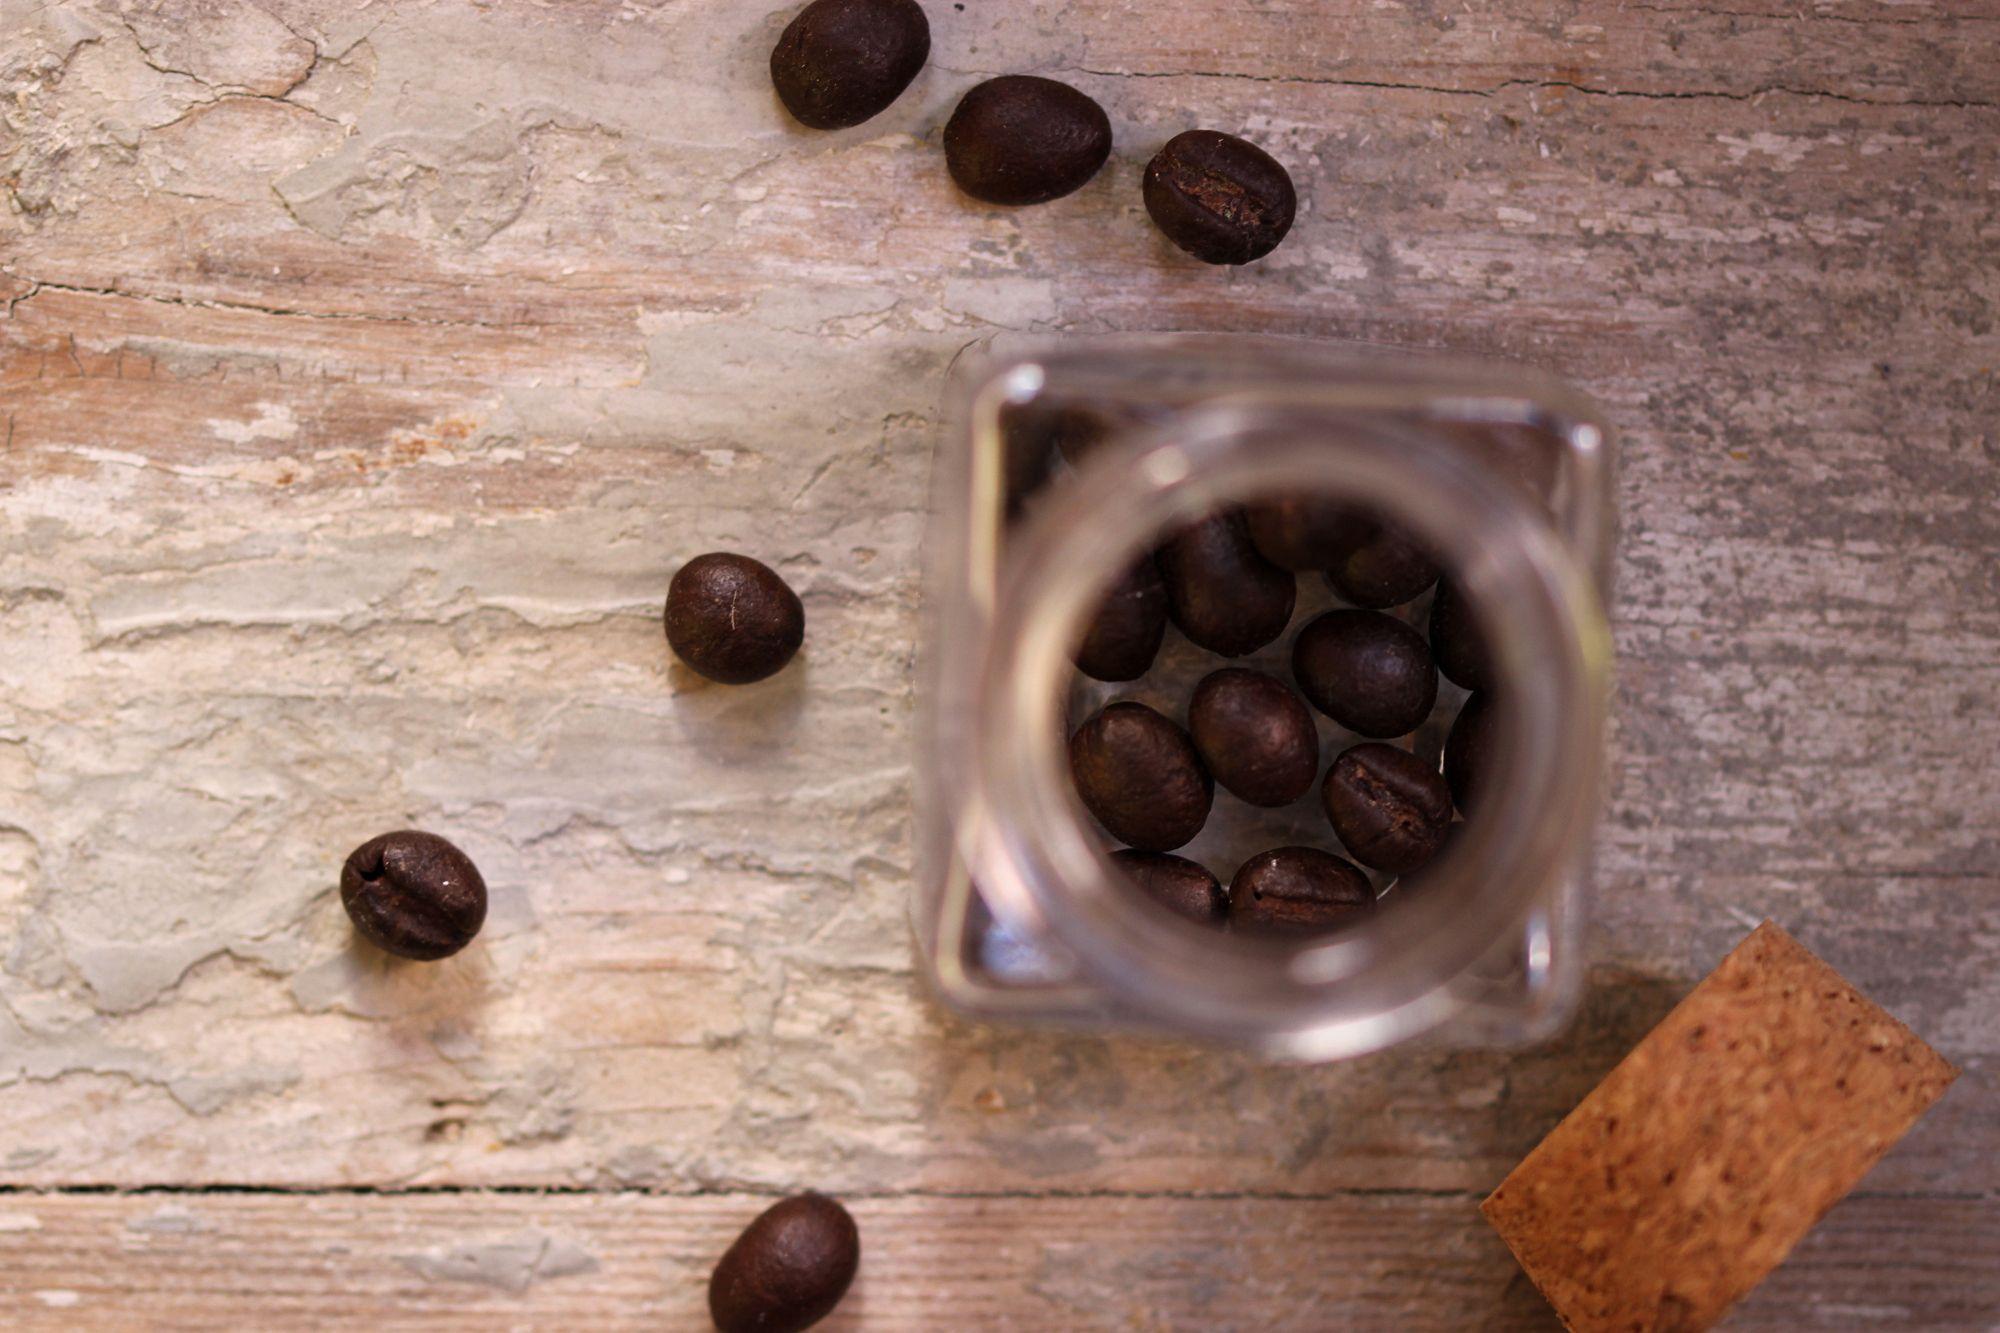 Pensare al caffè in cucina esclusivamente come bevanda è altamente riduttivo. Oltre a essere un ottimo ingrediente per la preparazione di dolci in pasticceria, è sempre più apprezzato il suo impiego all'interno di piatti salati, soprattutto nell'alta cucina.